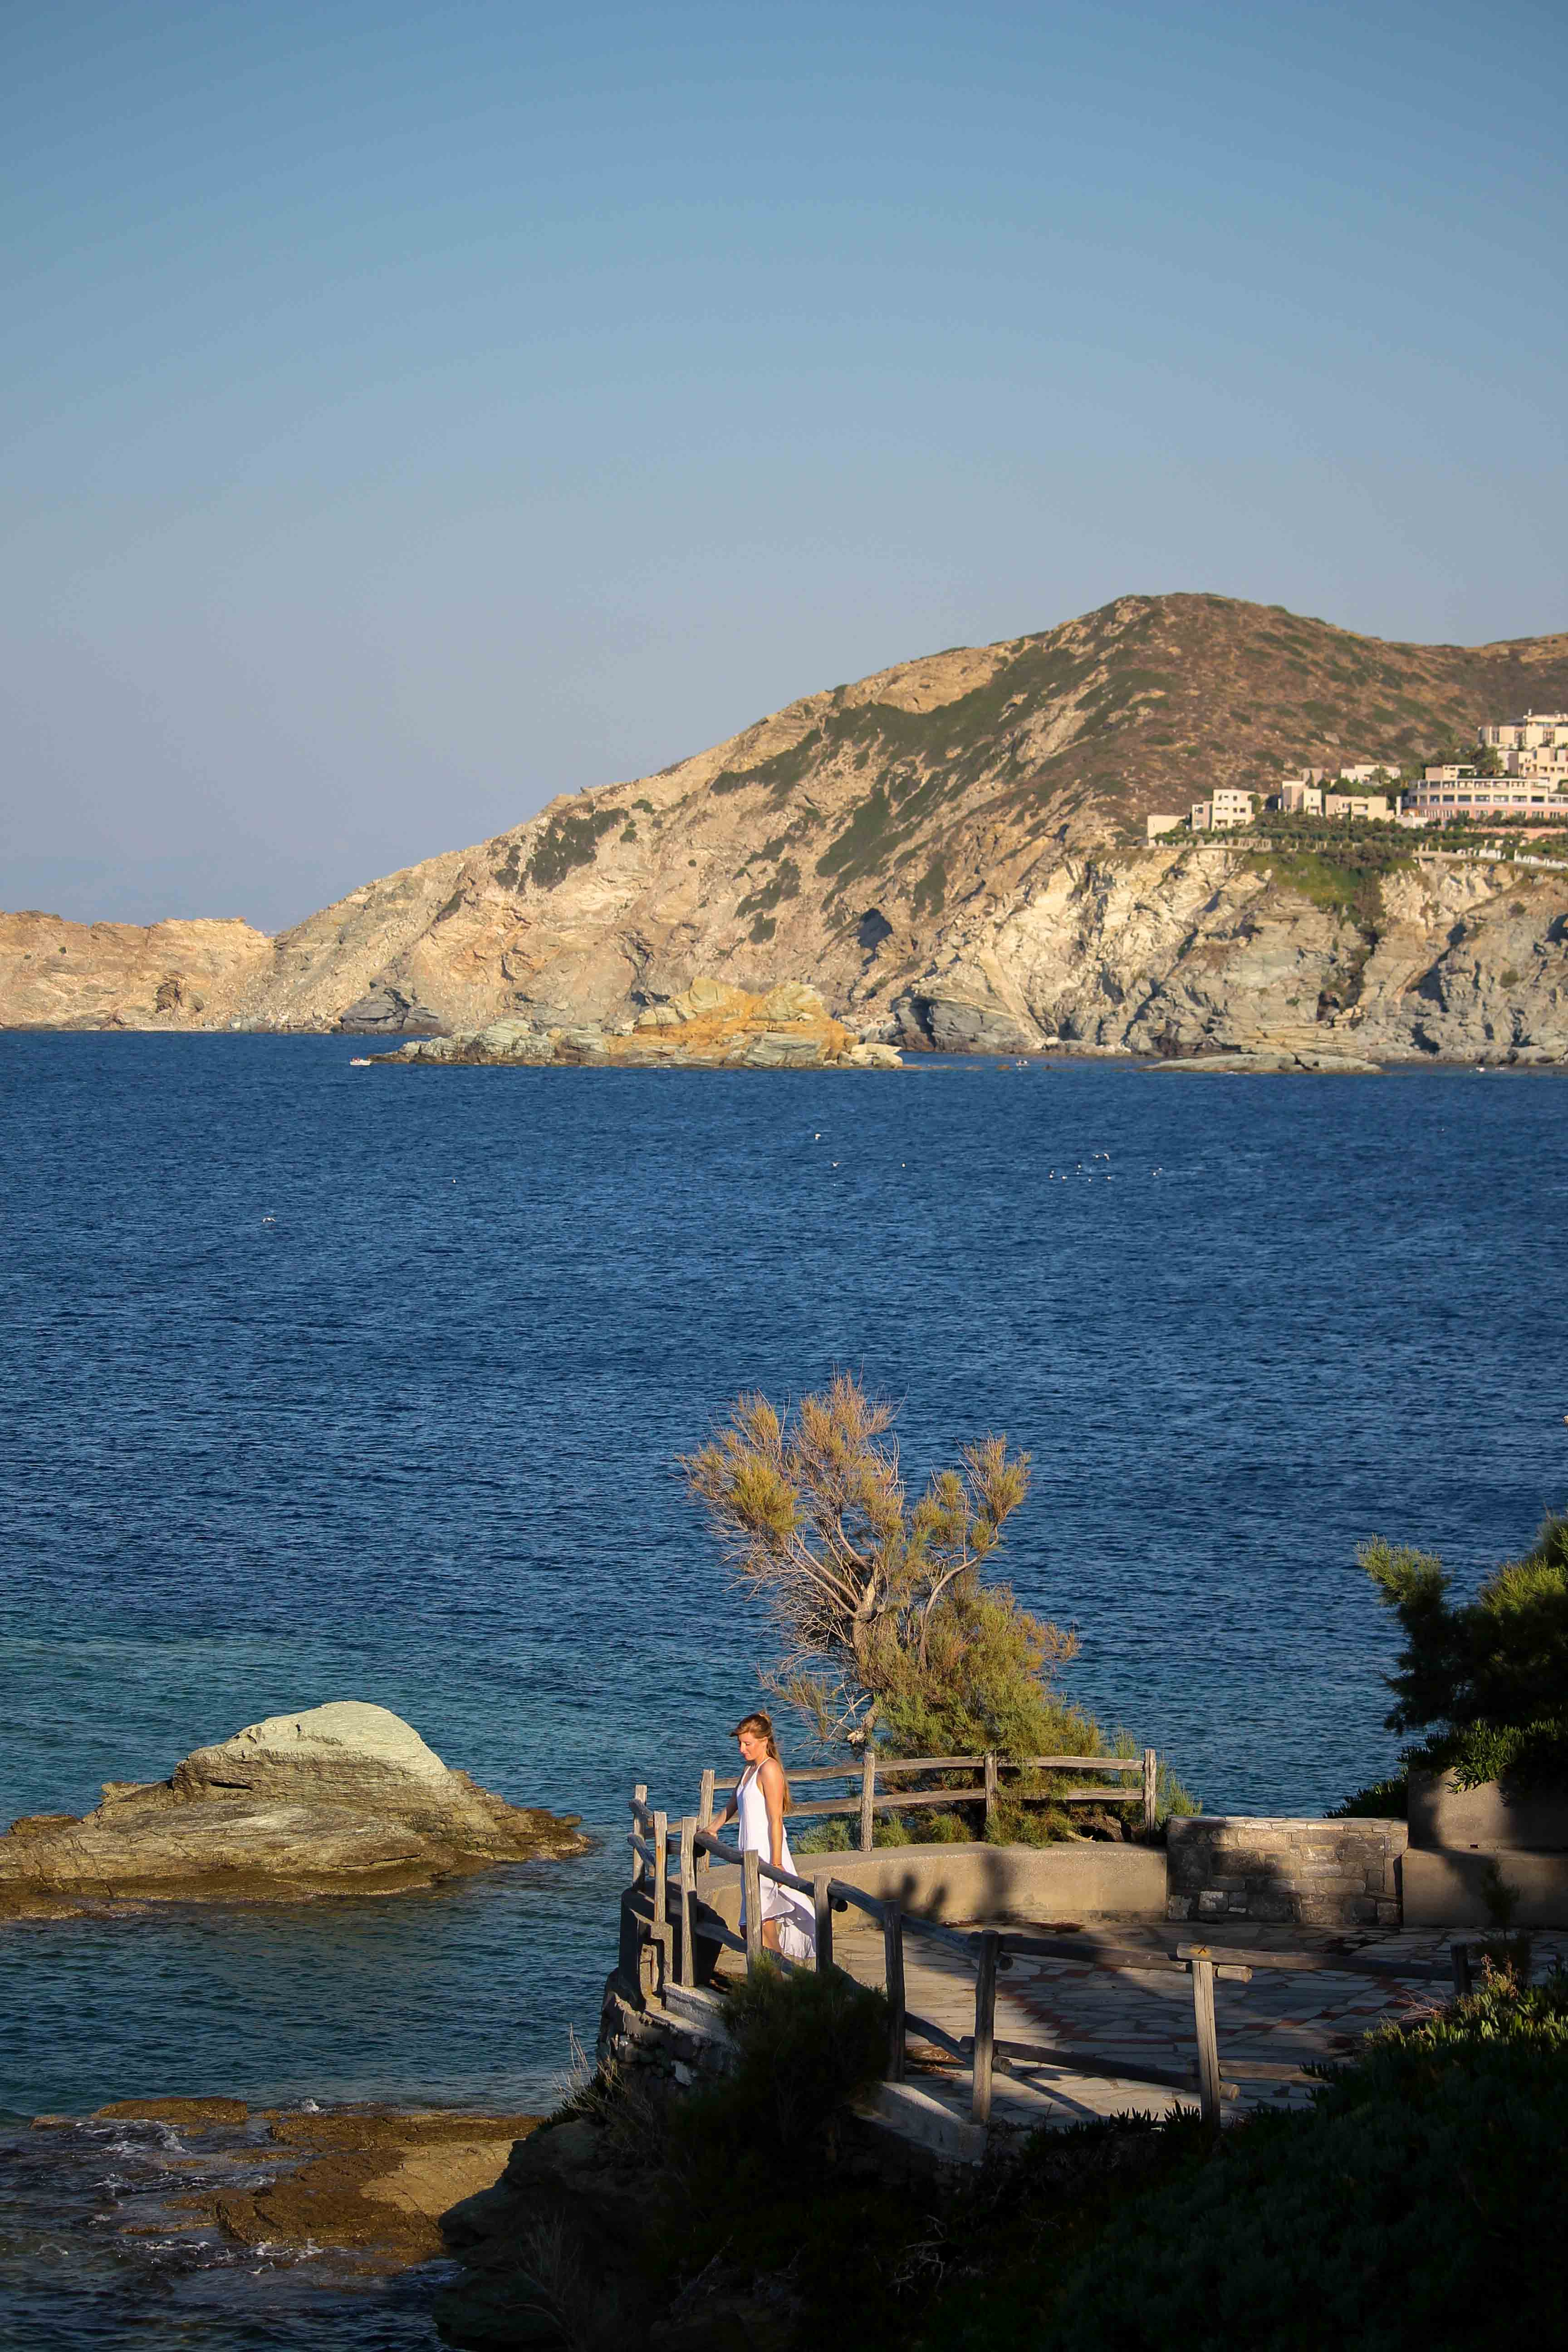 Modeblog Deuschland Fashion Blog Griechenland Kreta Sommeroutfit Blogger life weißes Kleid 1